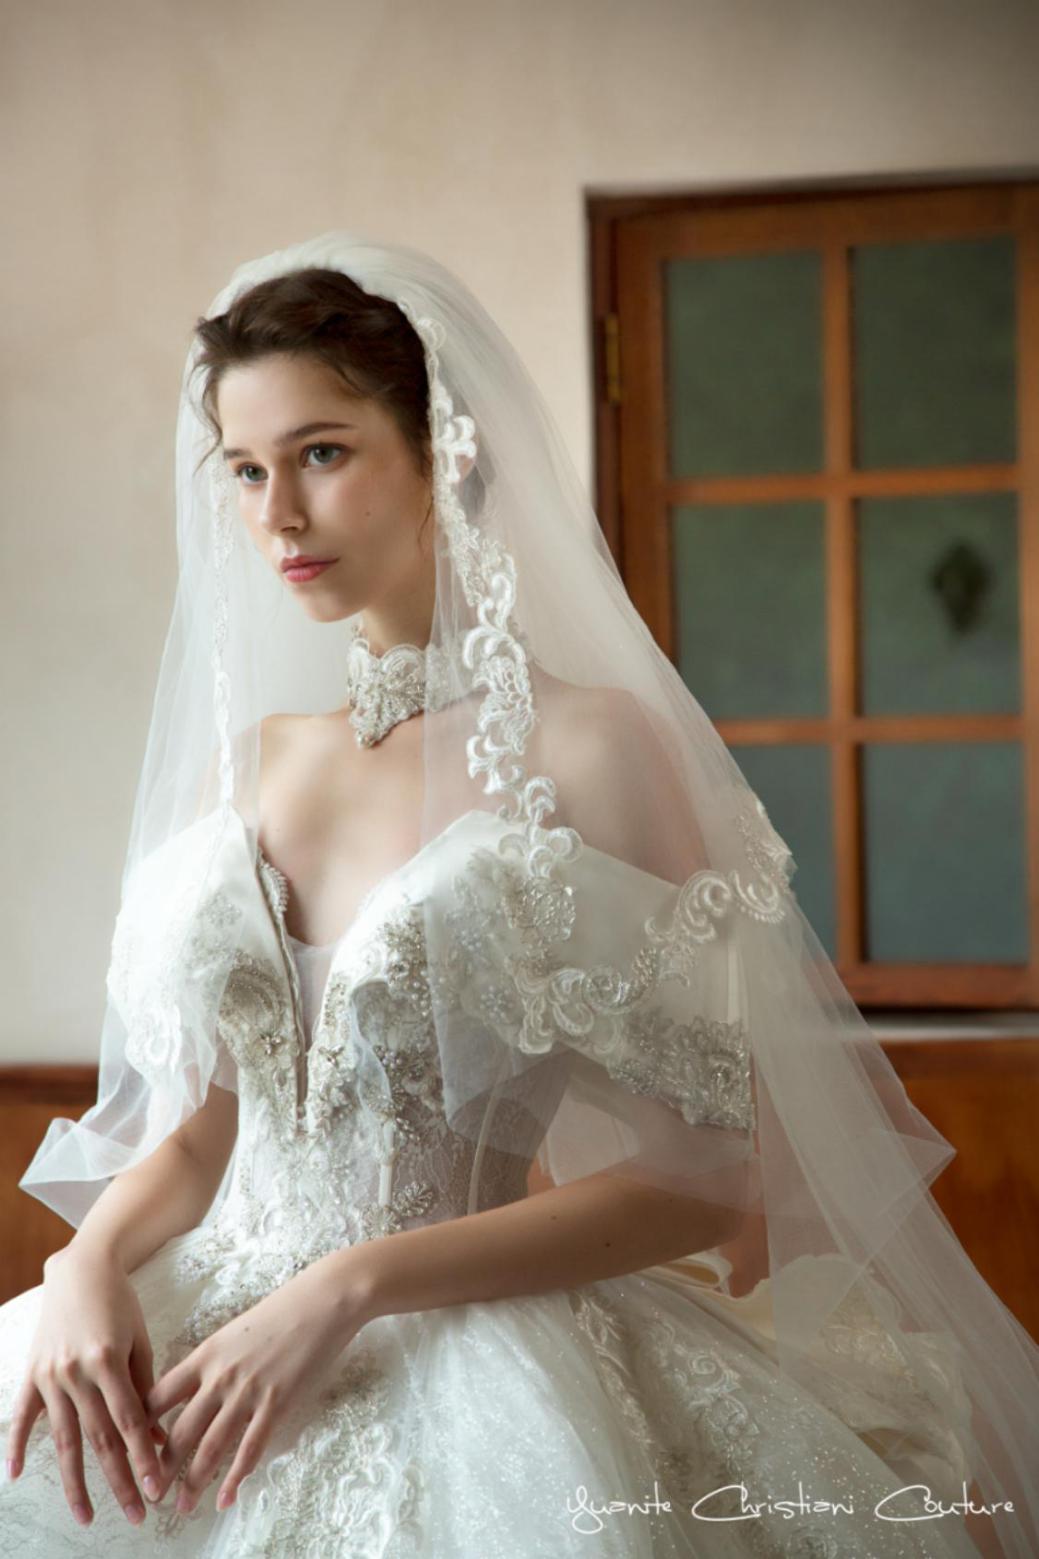 印尼高定婚纱品牌Yuanita Christiani 「唯爱颂歌」唱响上海